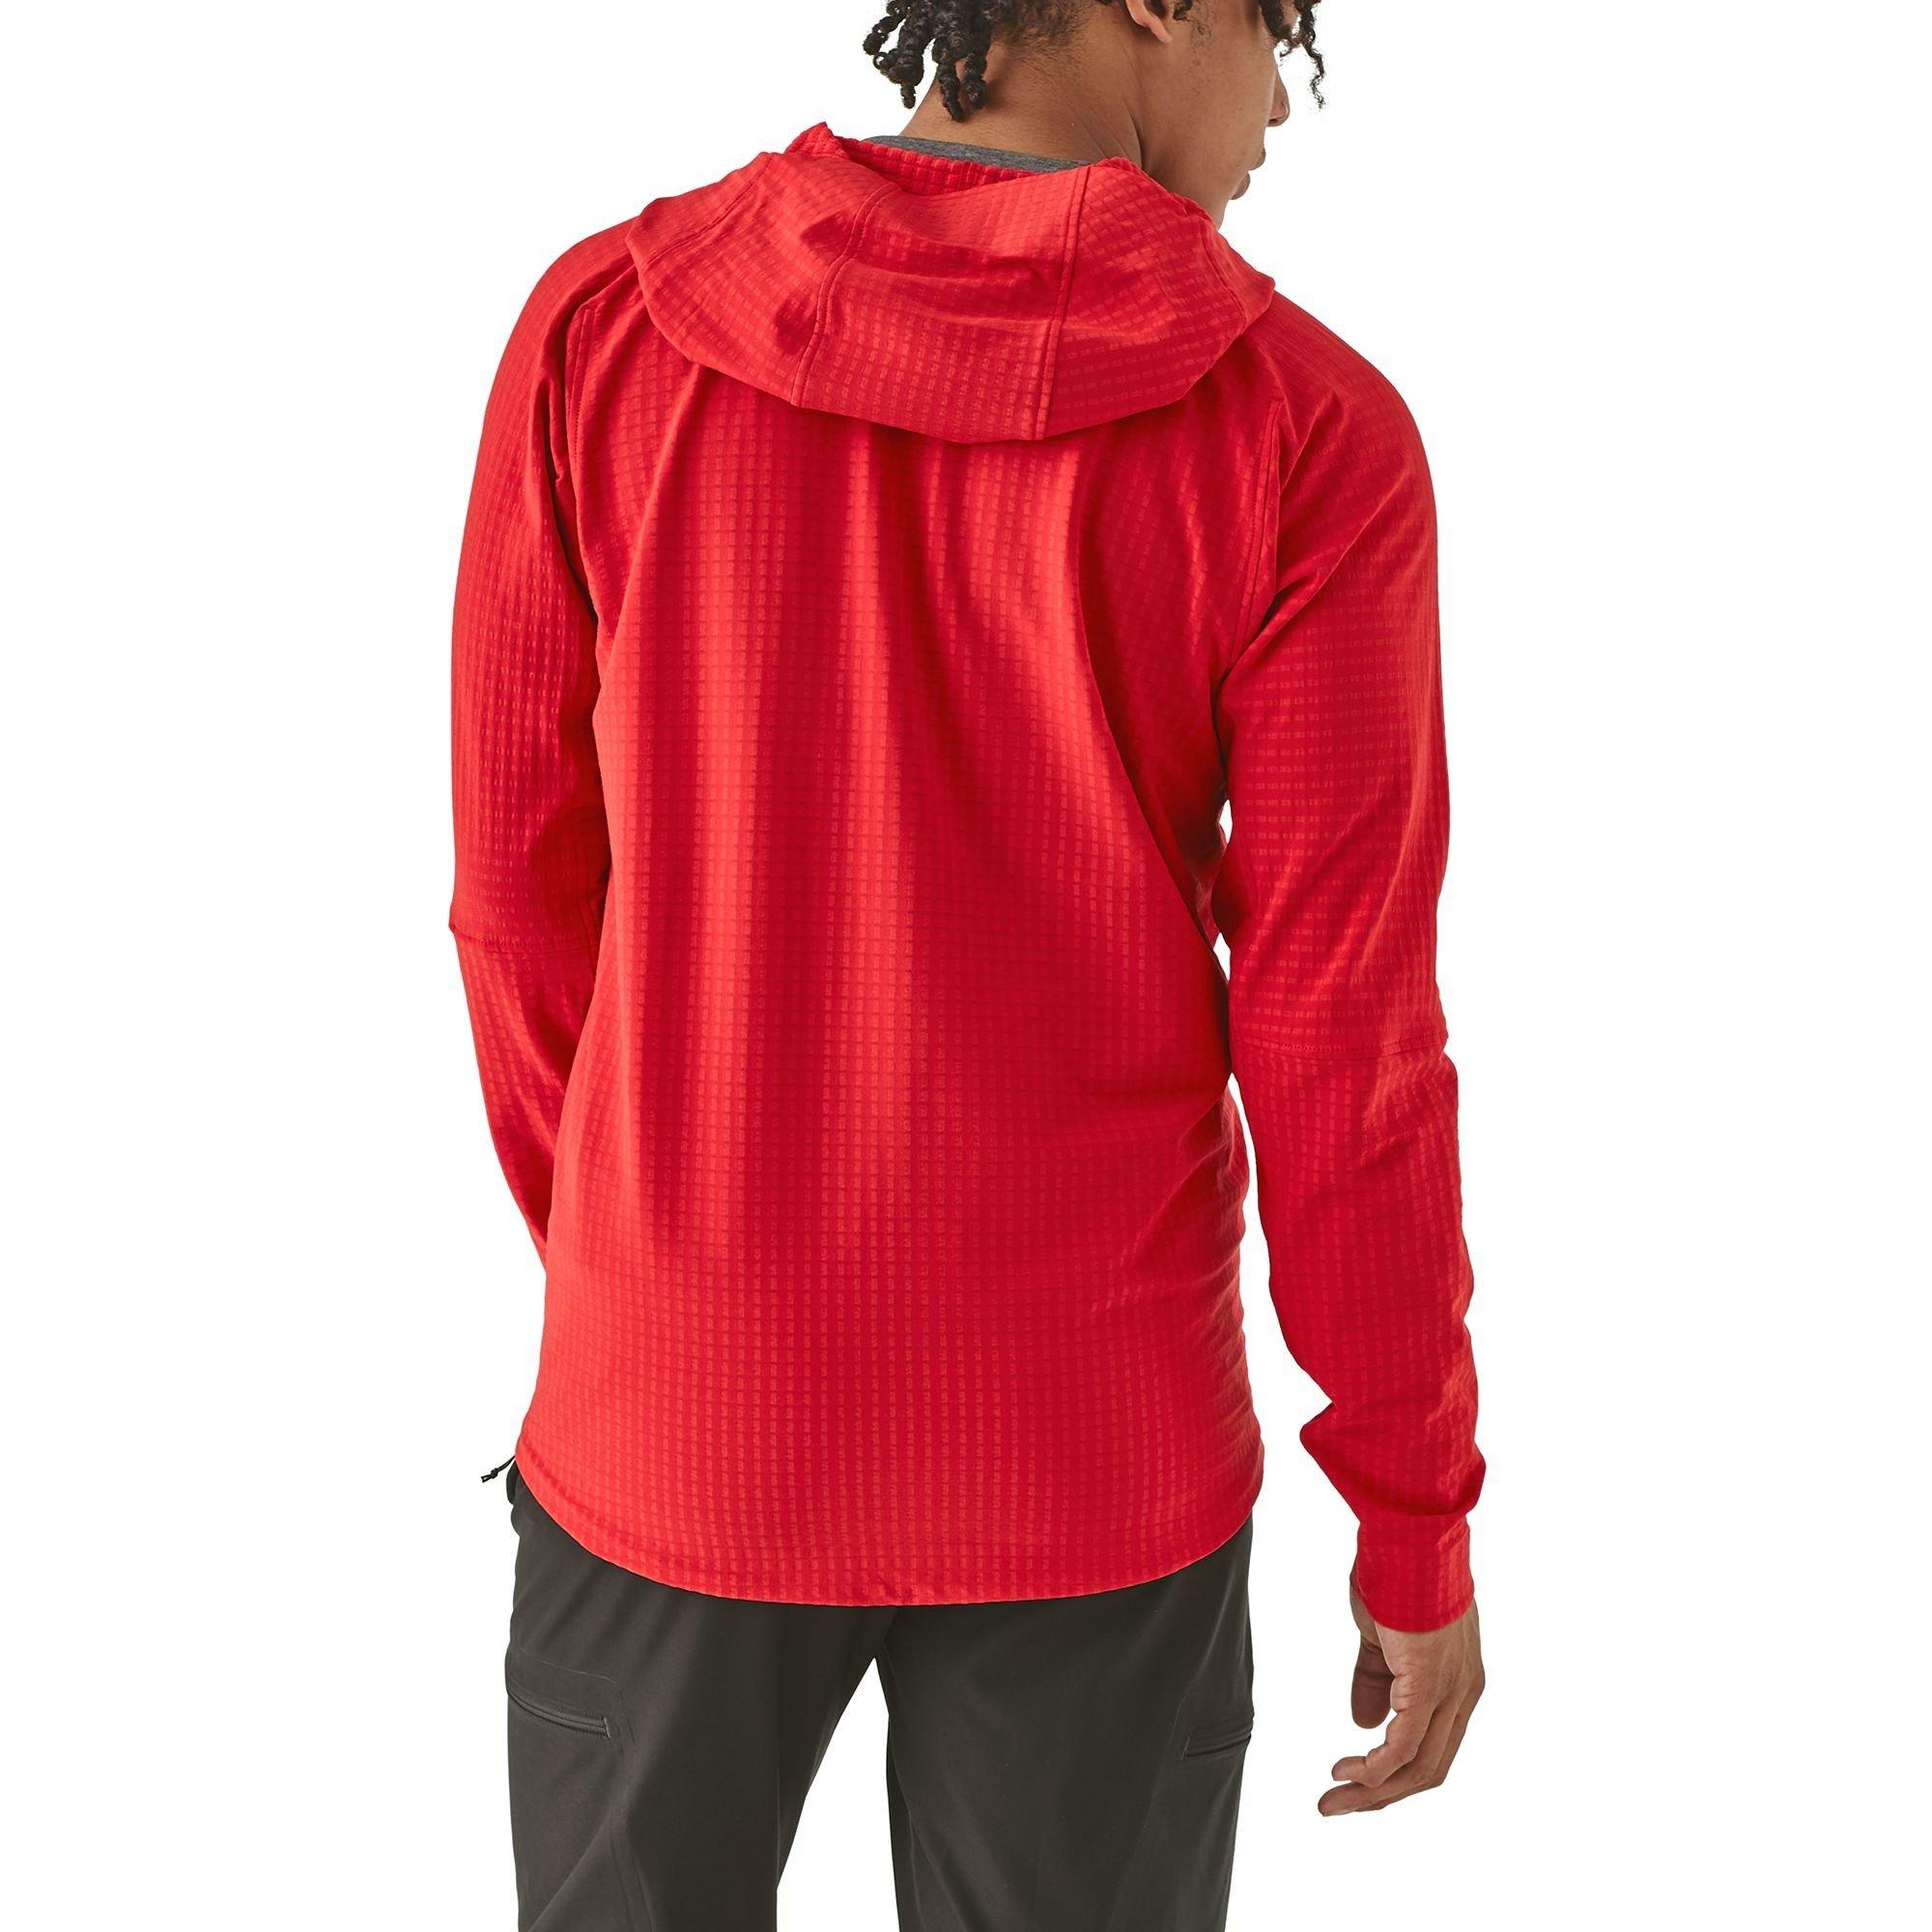 208c431593727 Kurtka R1 TECHFACE HOODY fire   odzież \ męska \ polary, swetry i ...